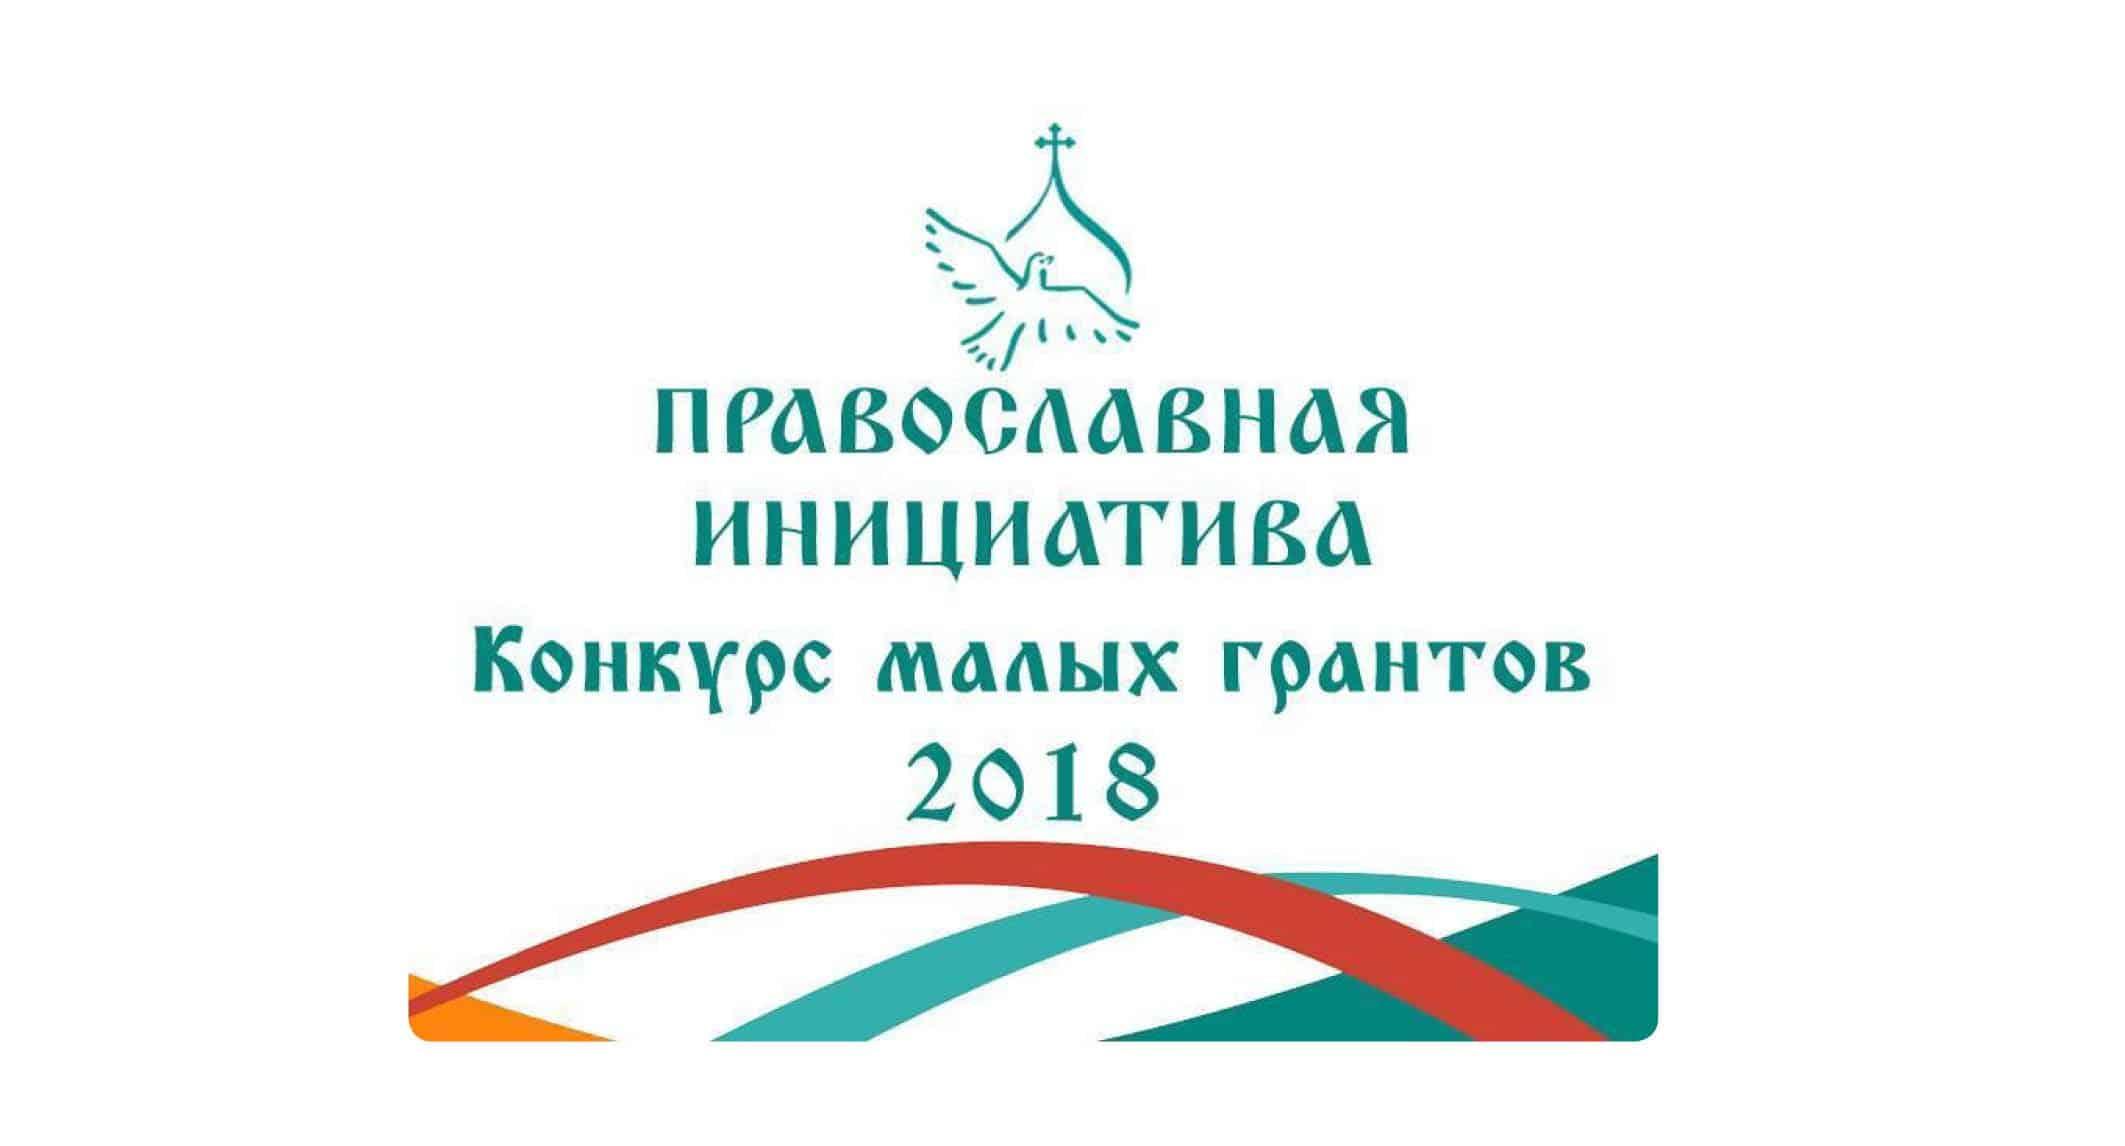 Определились победители конкурса малых грантов «Православная инициатива – 2018»